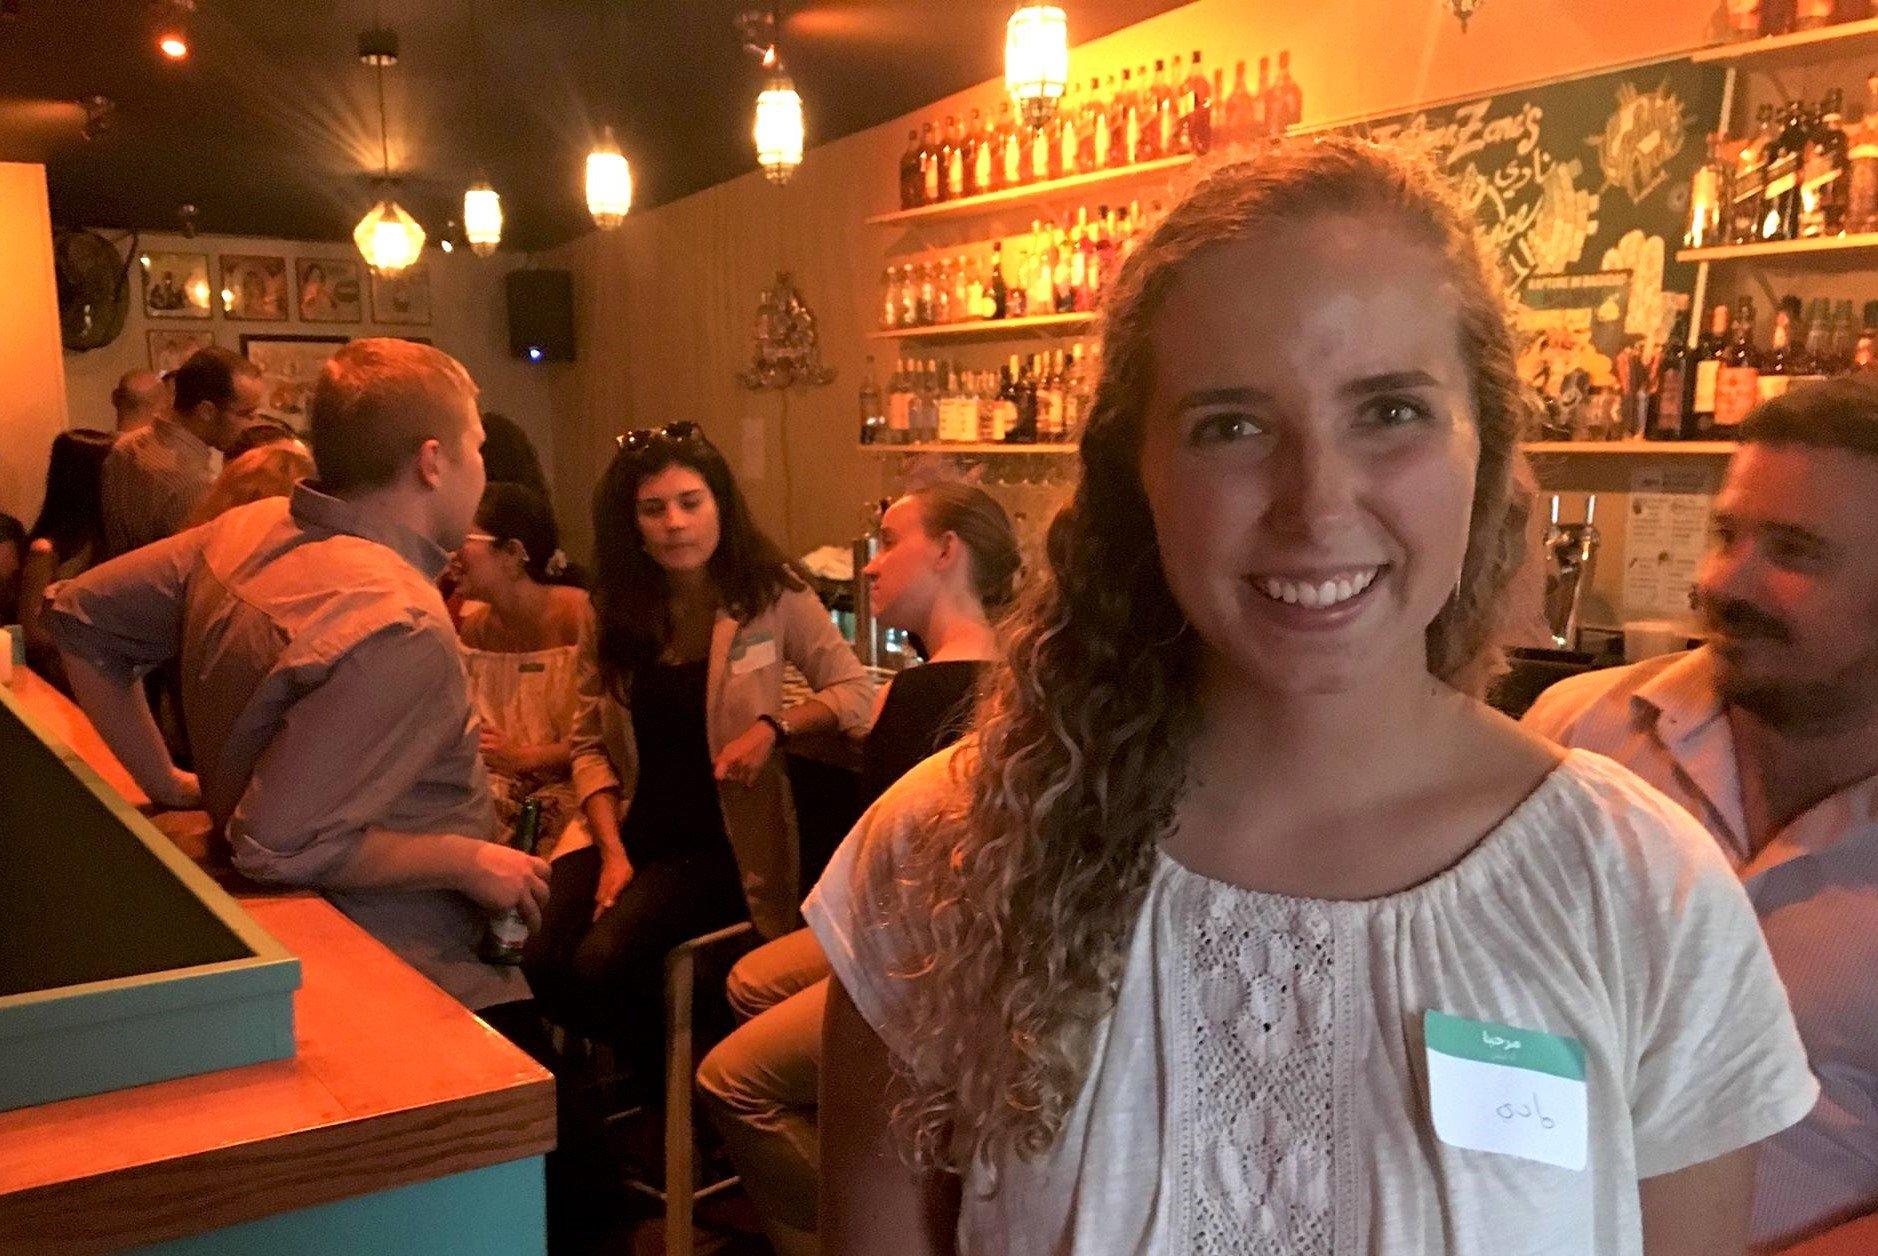 No English allowed': This Washington DC bar mixes Arabic